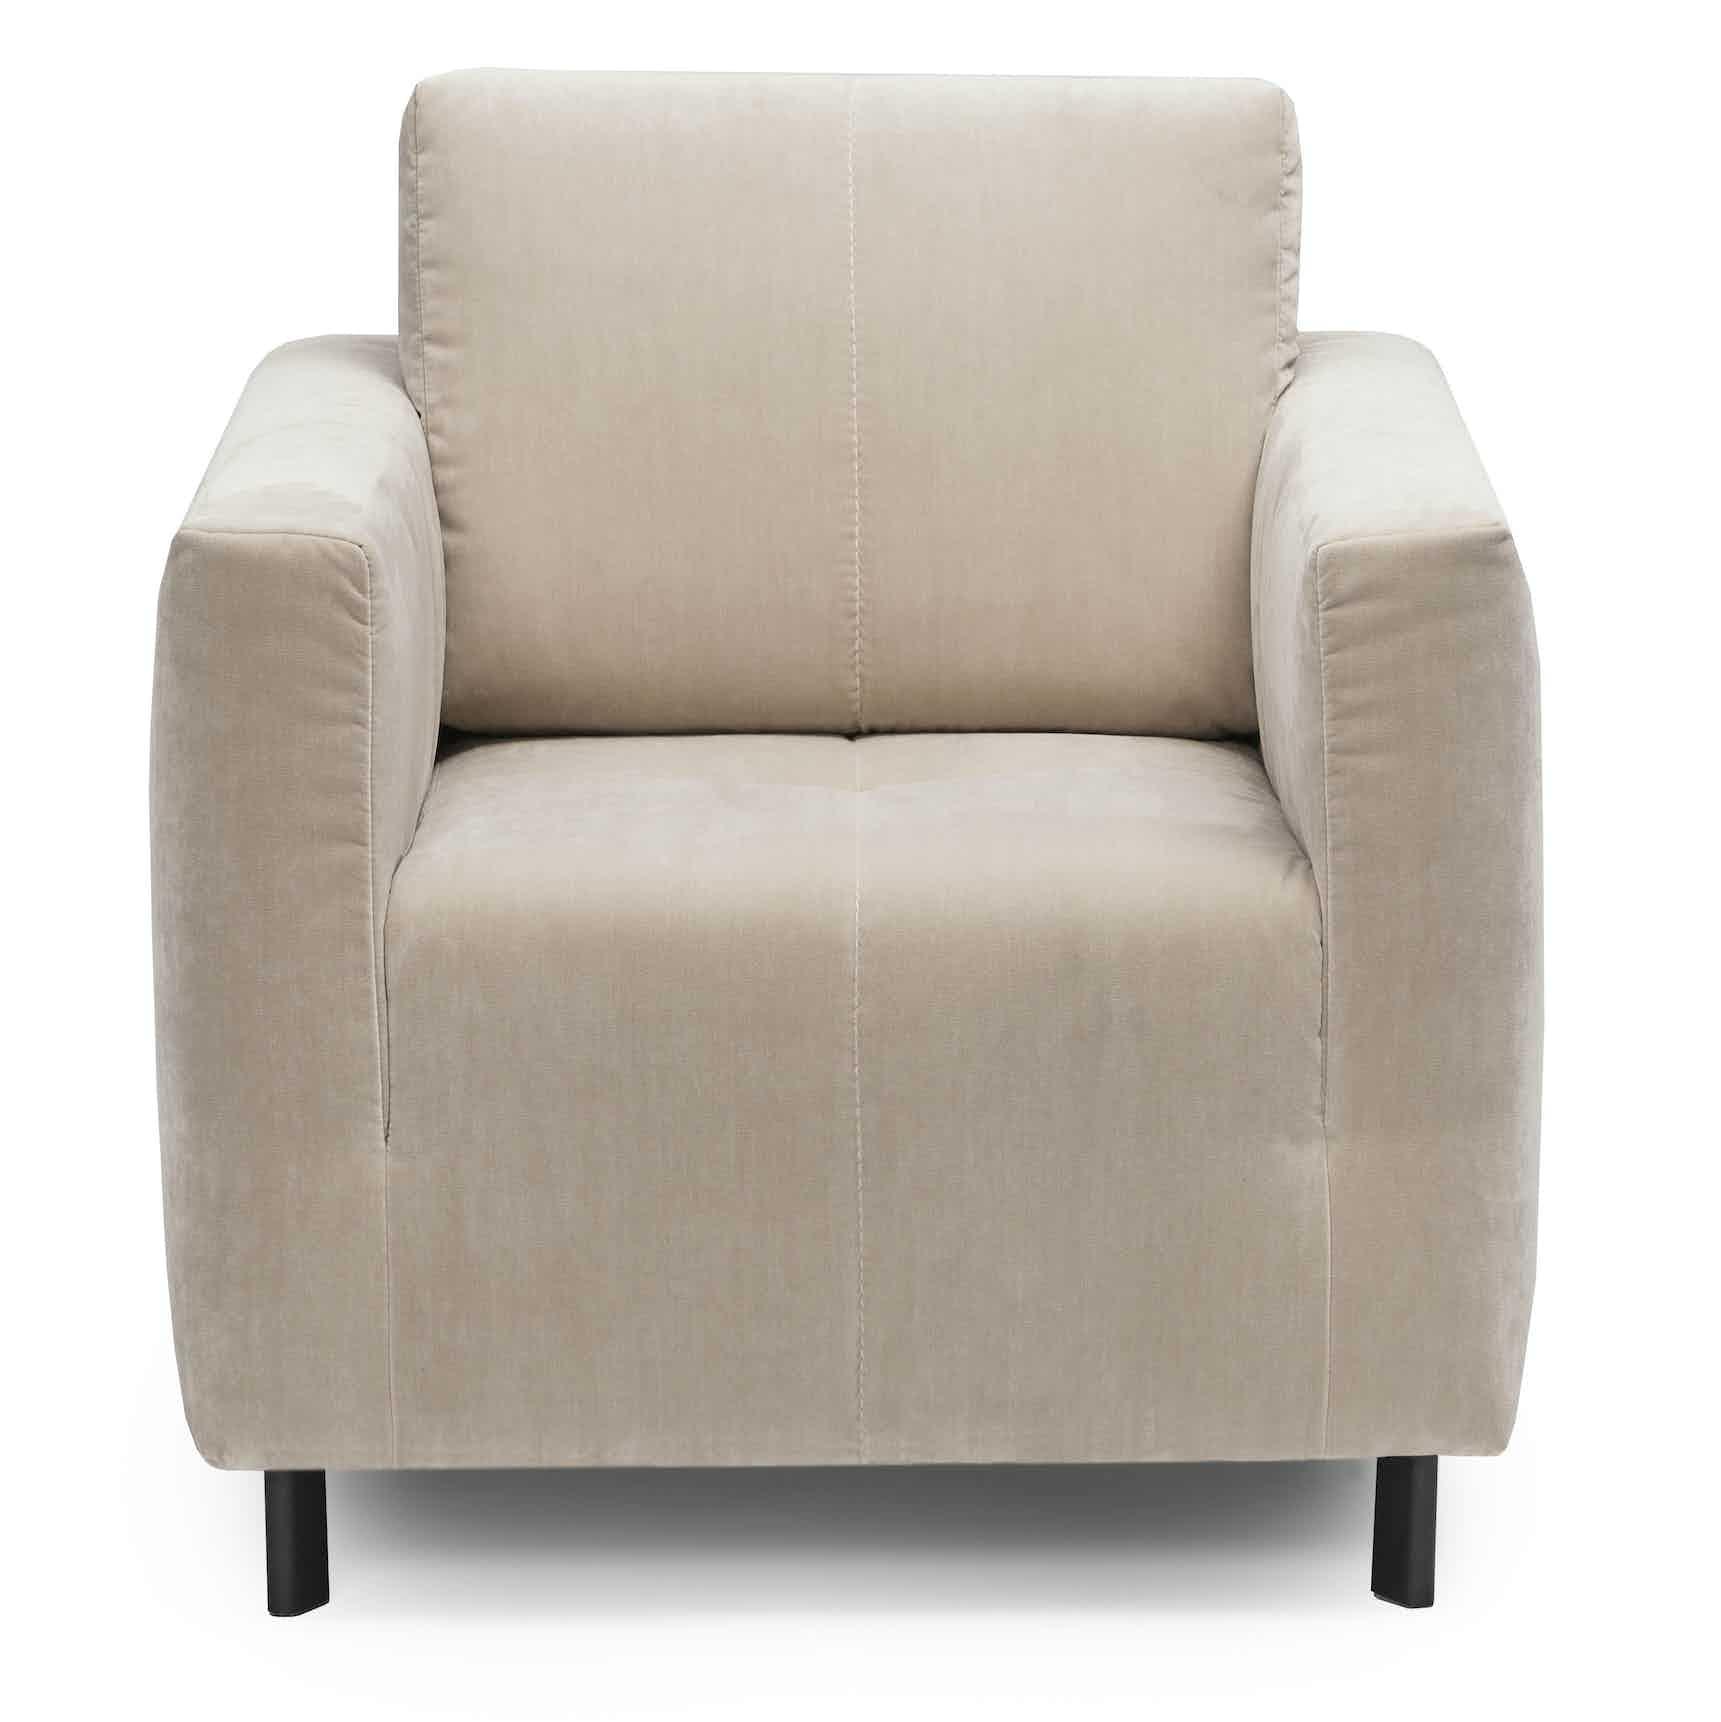 Linteloo-front-desire-armchair-haute-living